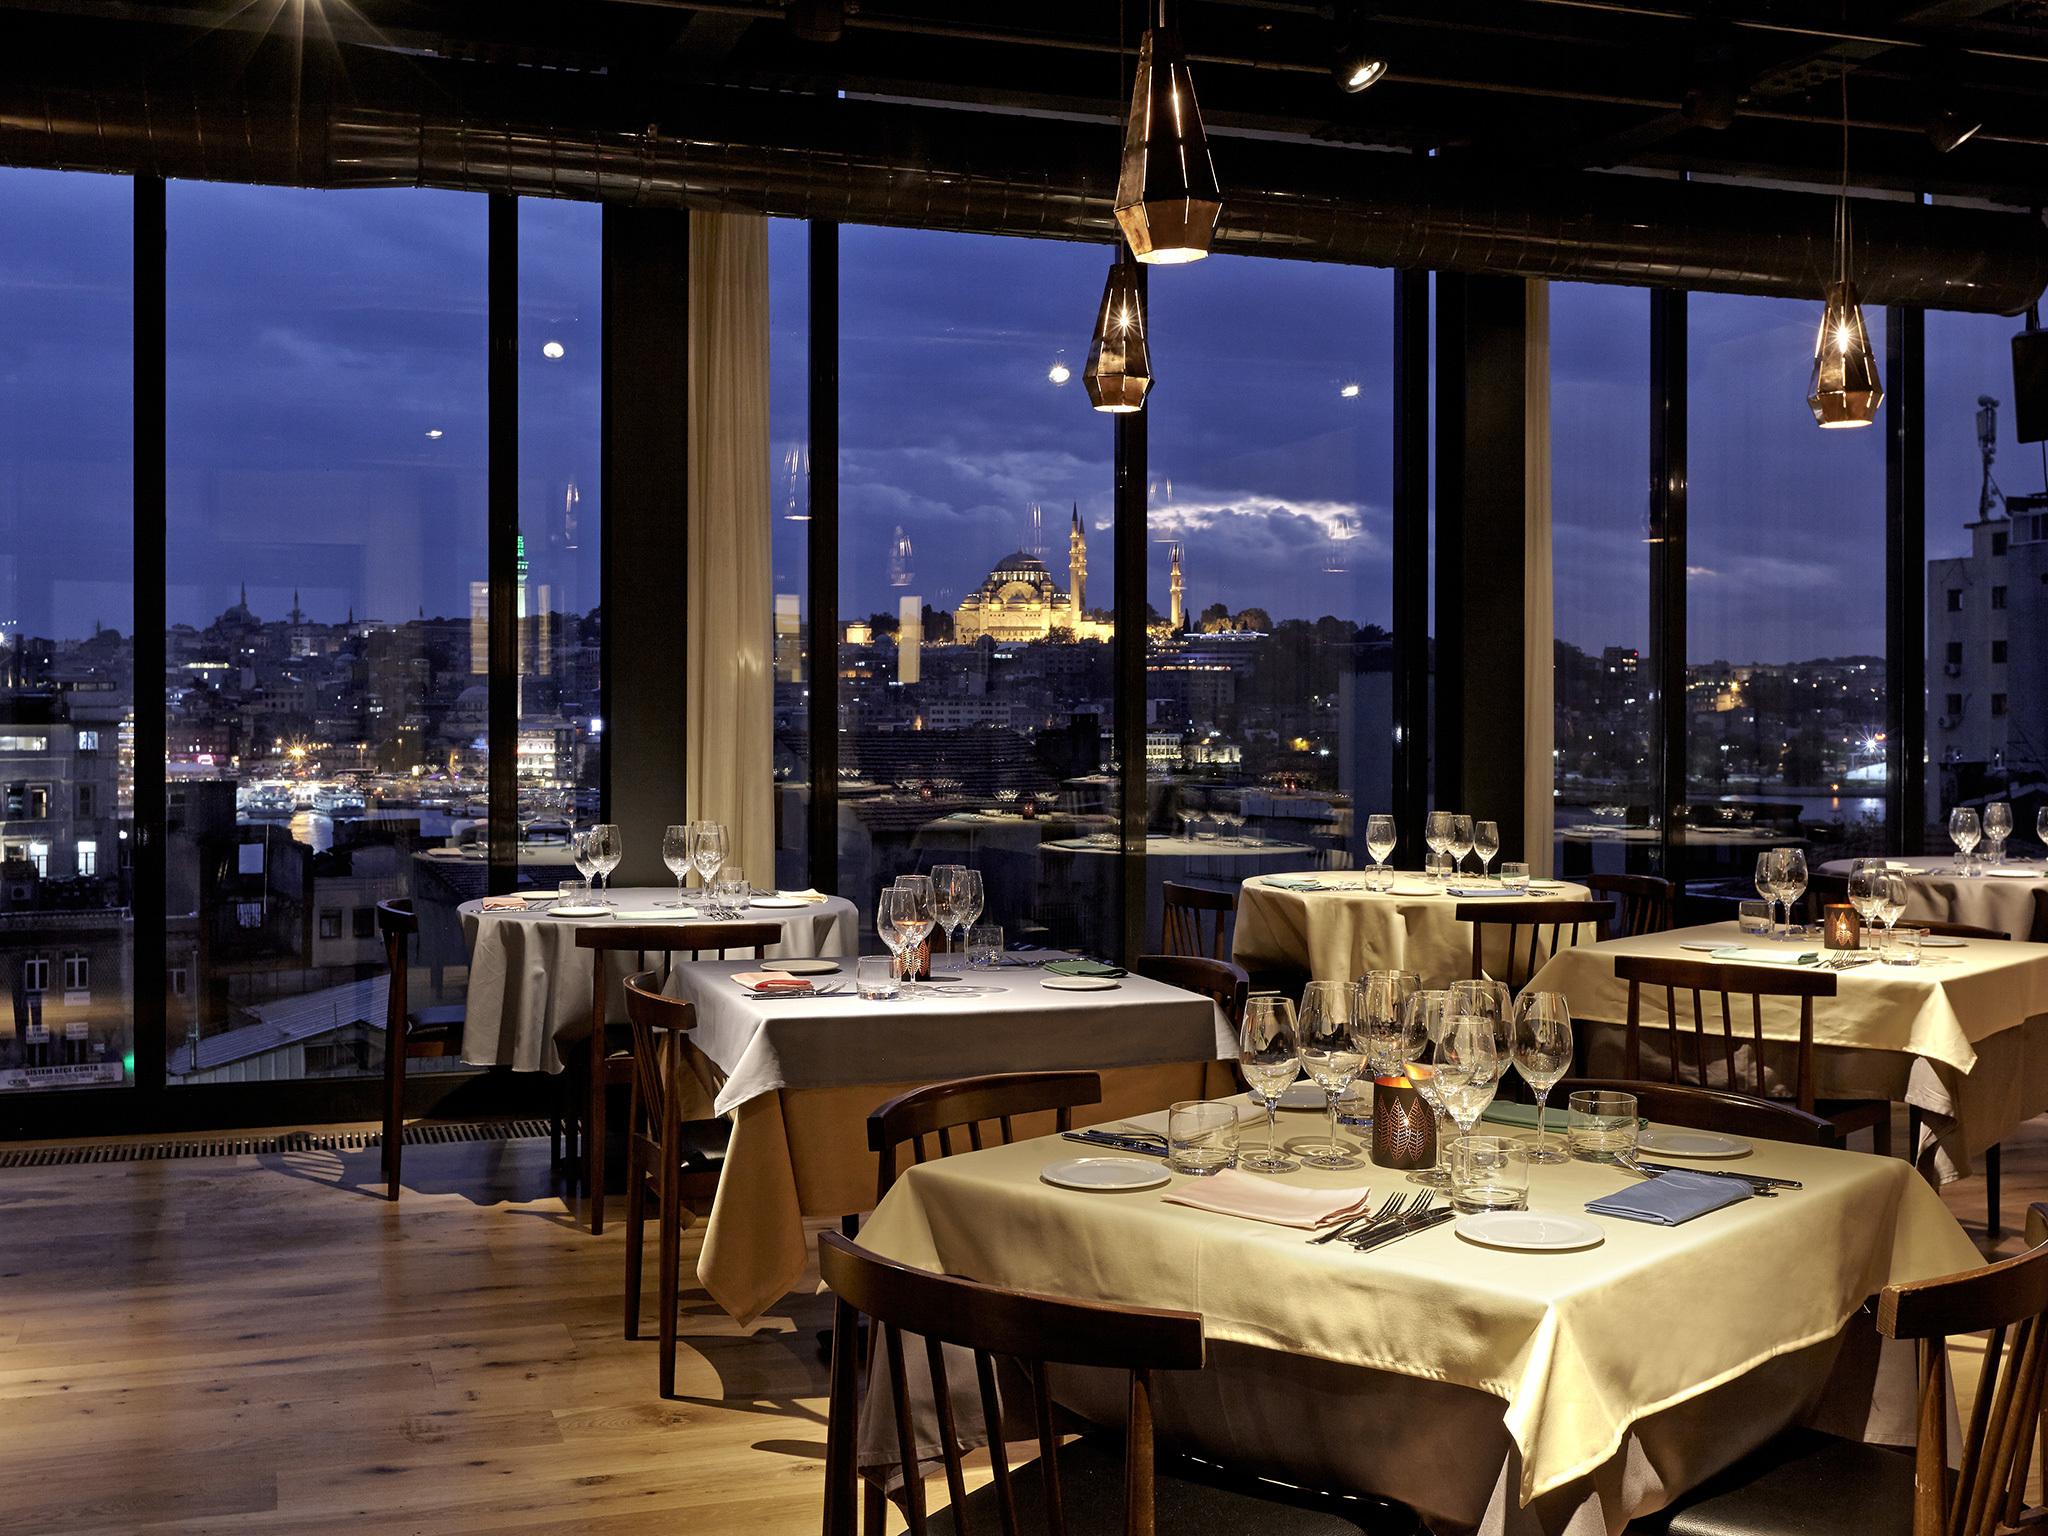 neolokal | Restaurants in Şişhane, Istanbul